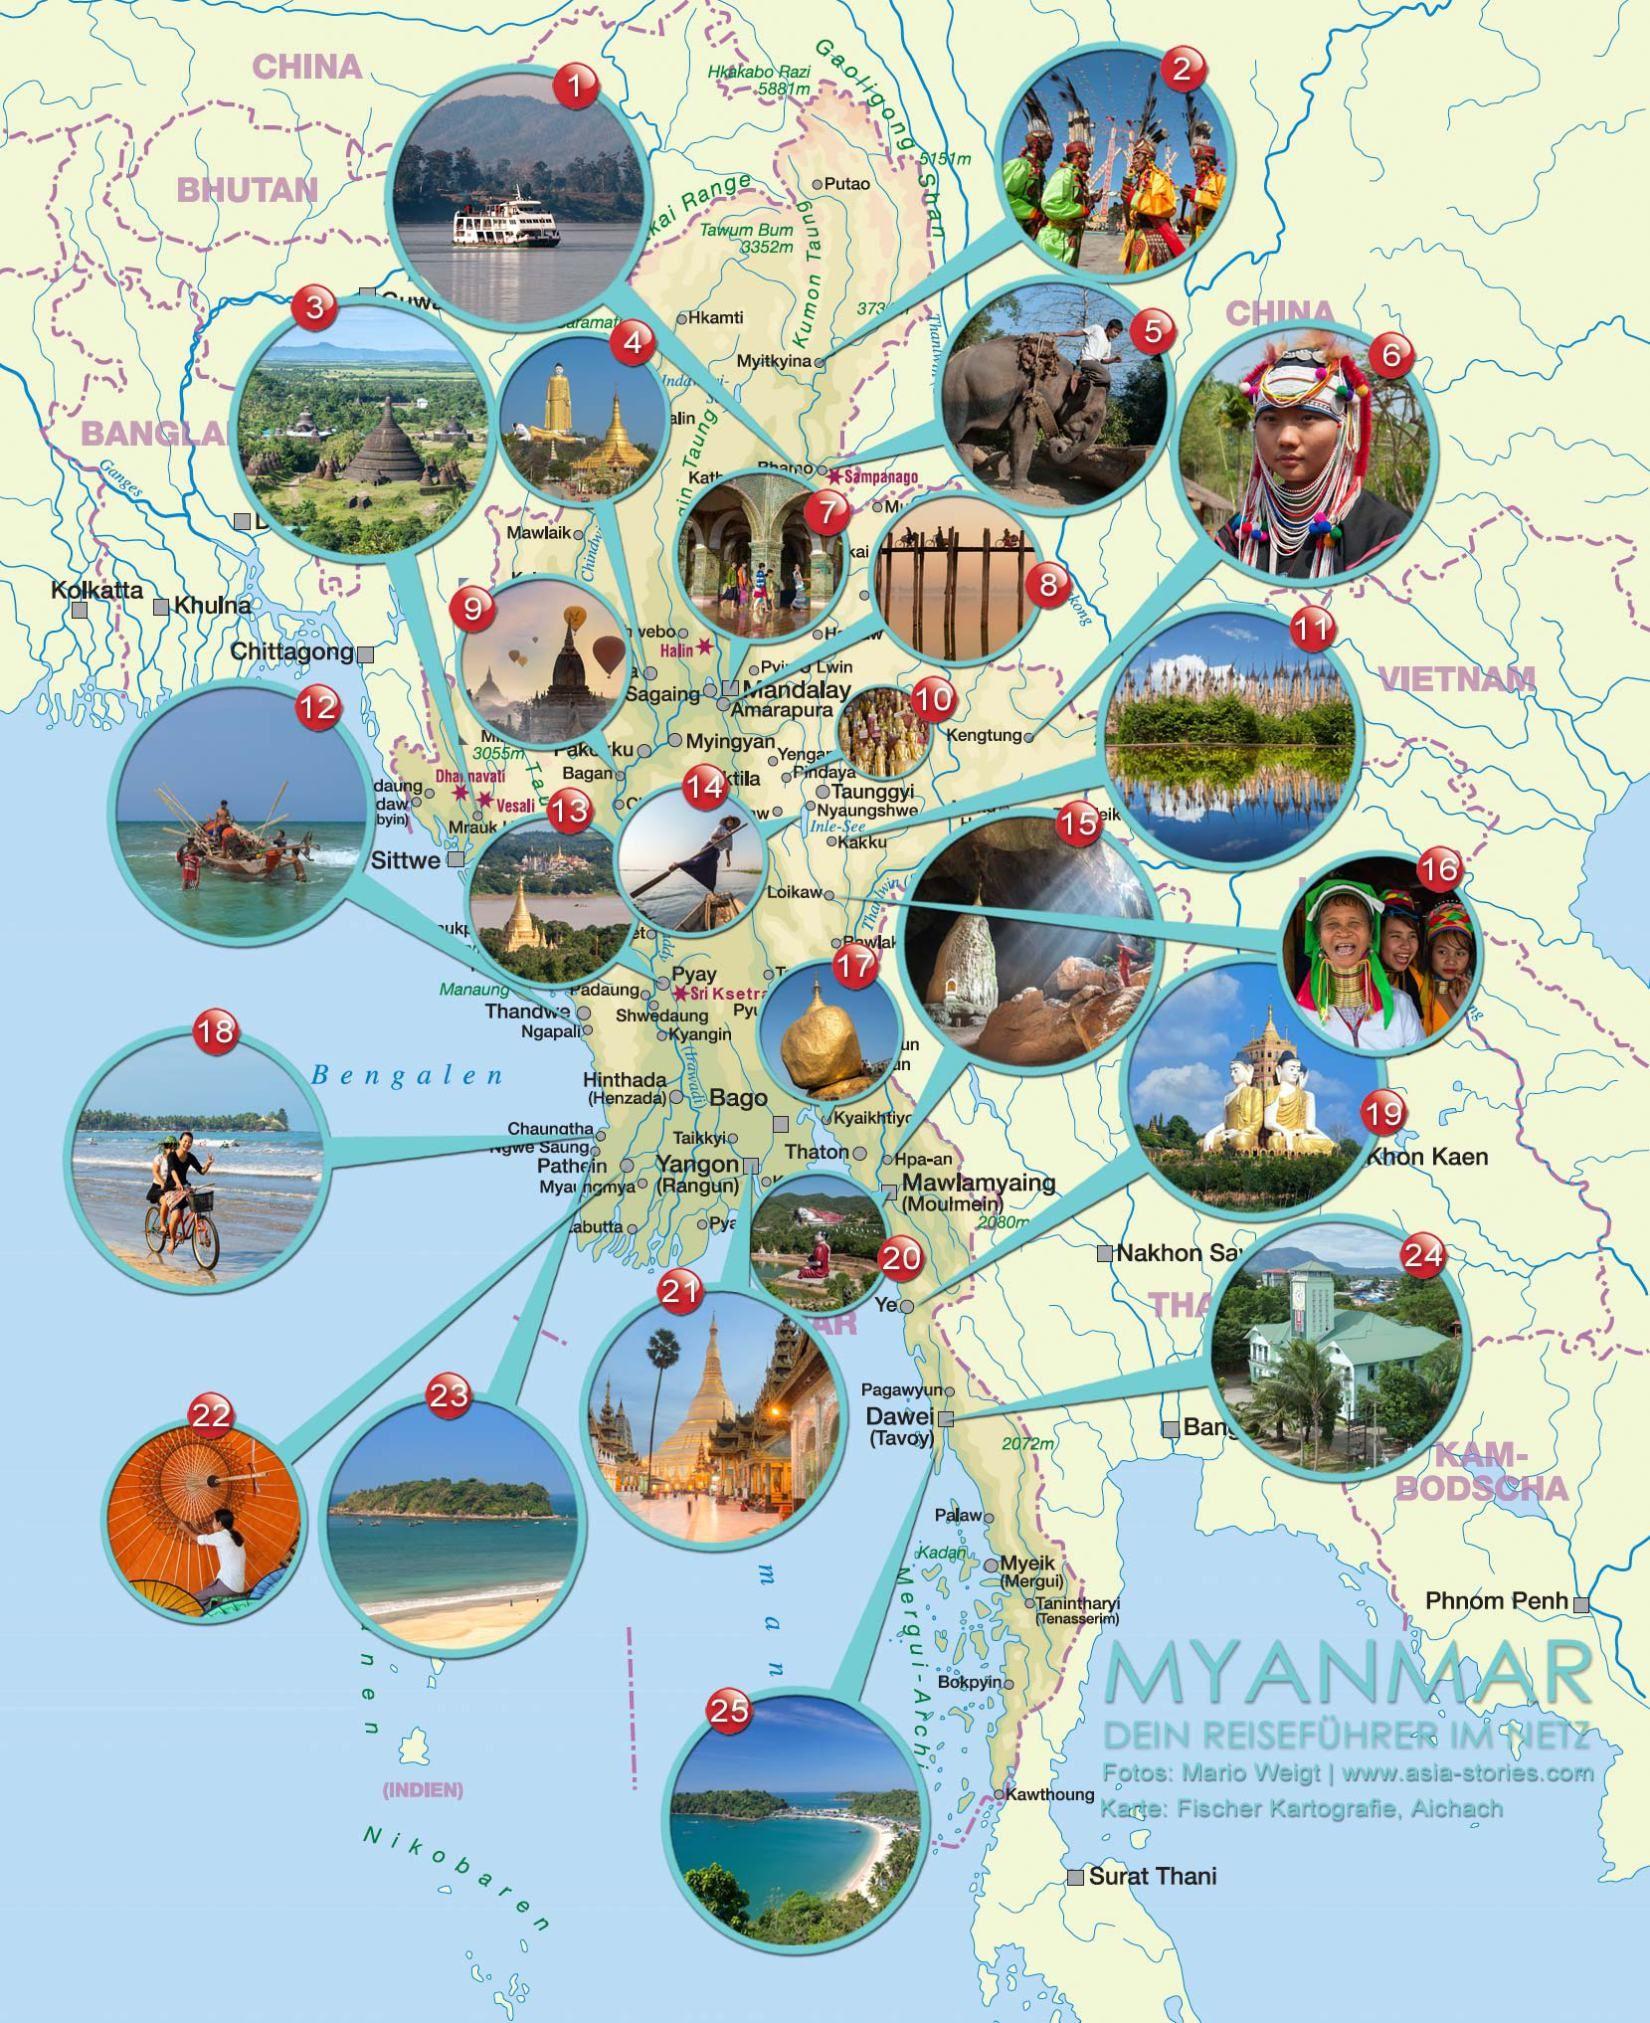 Karte Myanmar.Karte Für Myanmar Mit Den Wichtigsten Sehenswürdigkeiten Und